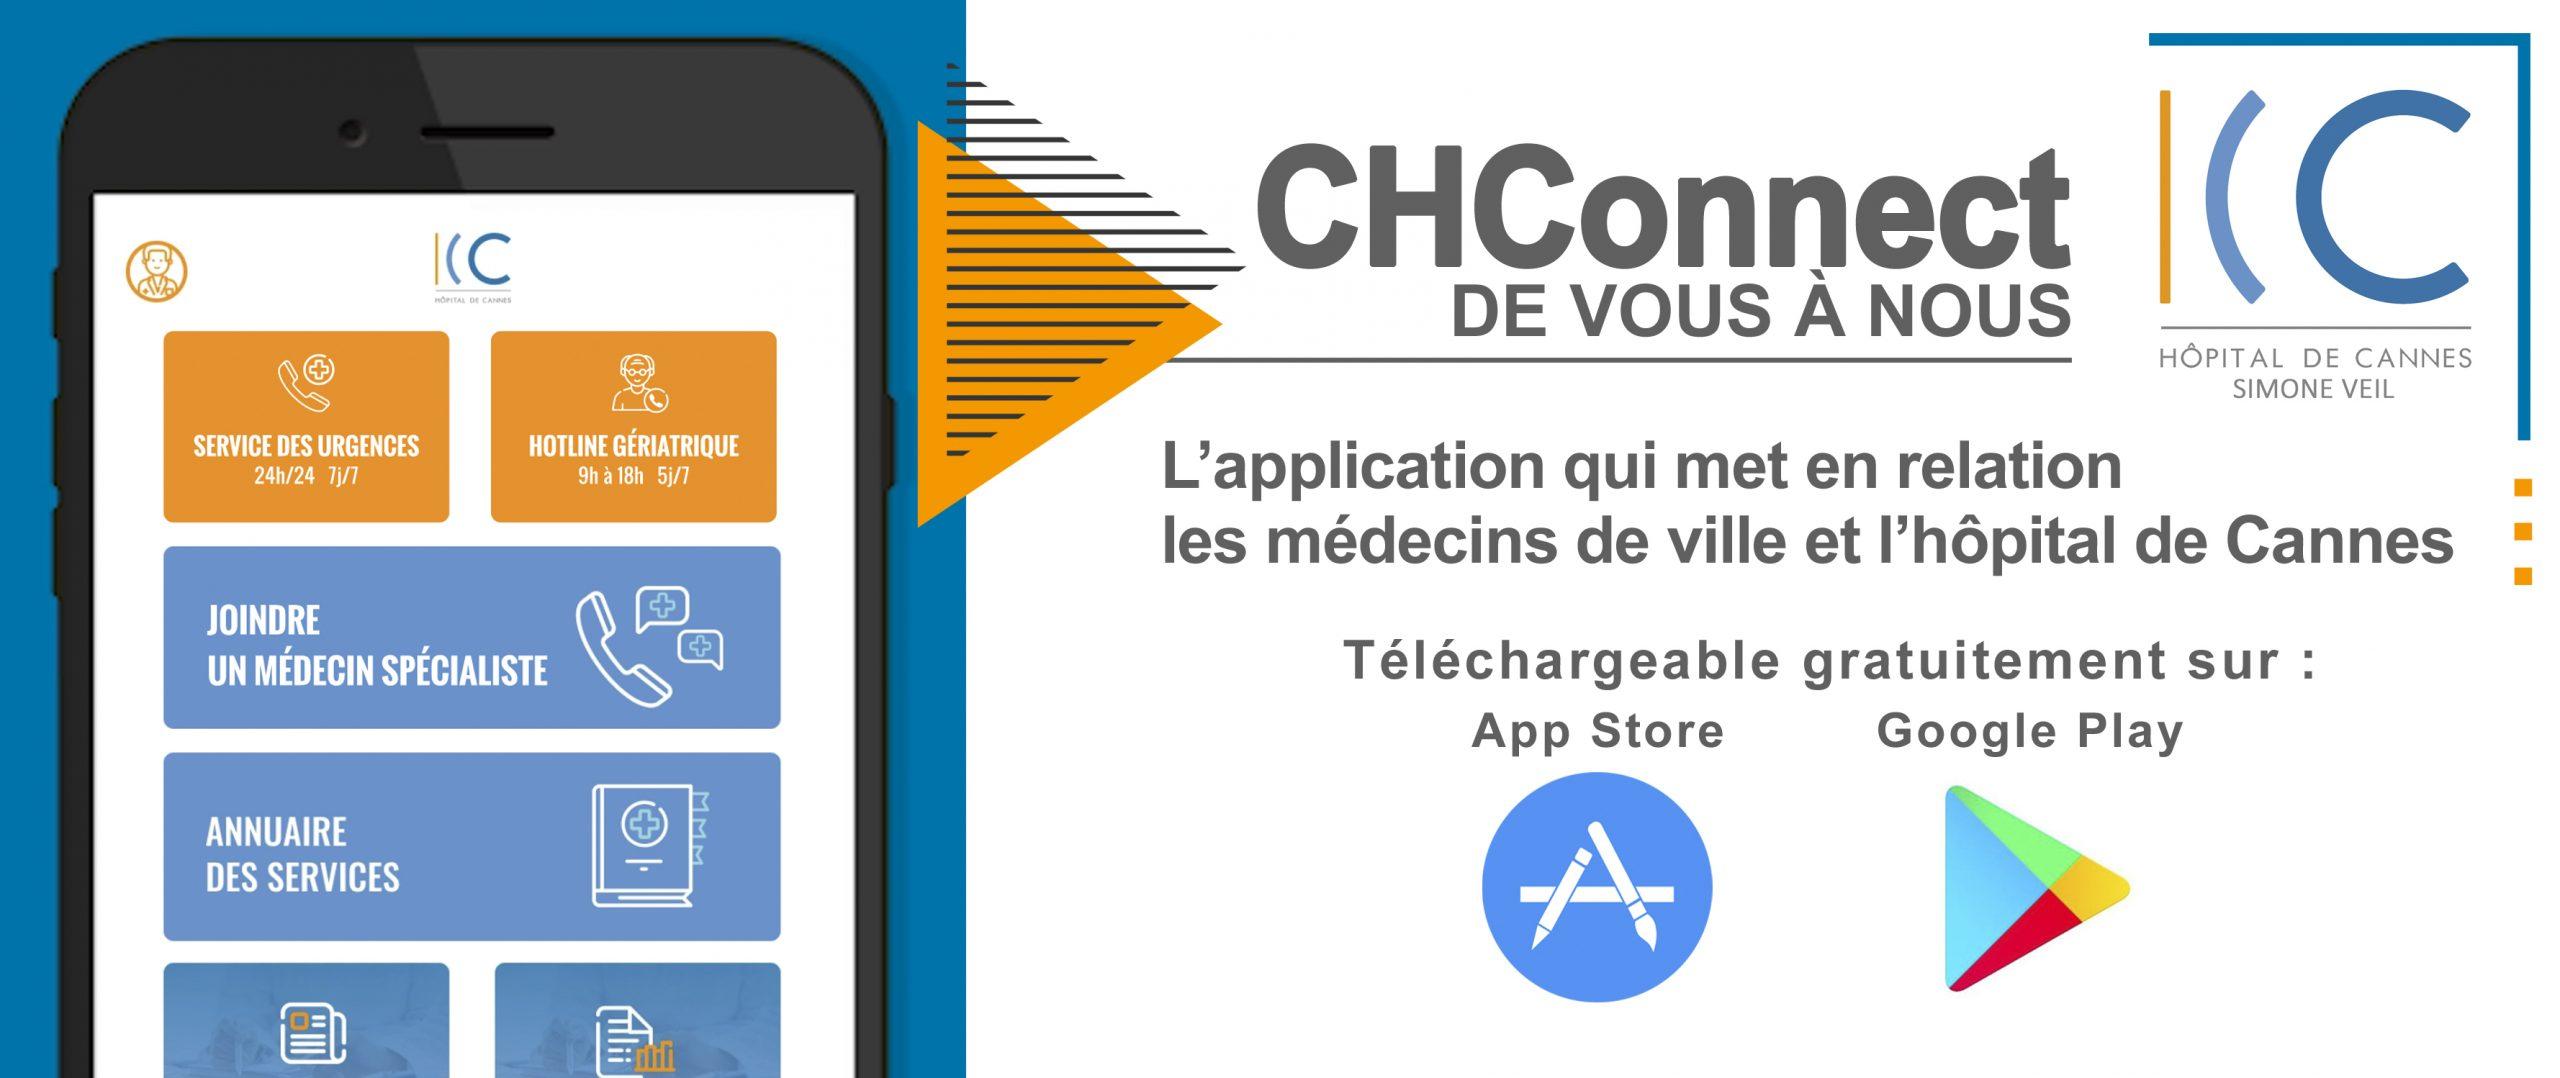 illustration L'hôpital de Cannes – Simone Veil propose une nouvelle application mobile destinée aux médecins de ville